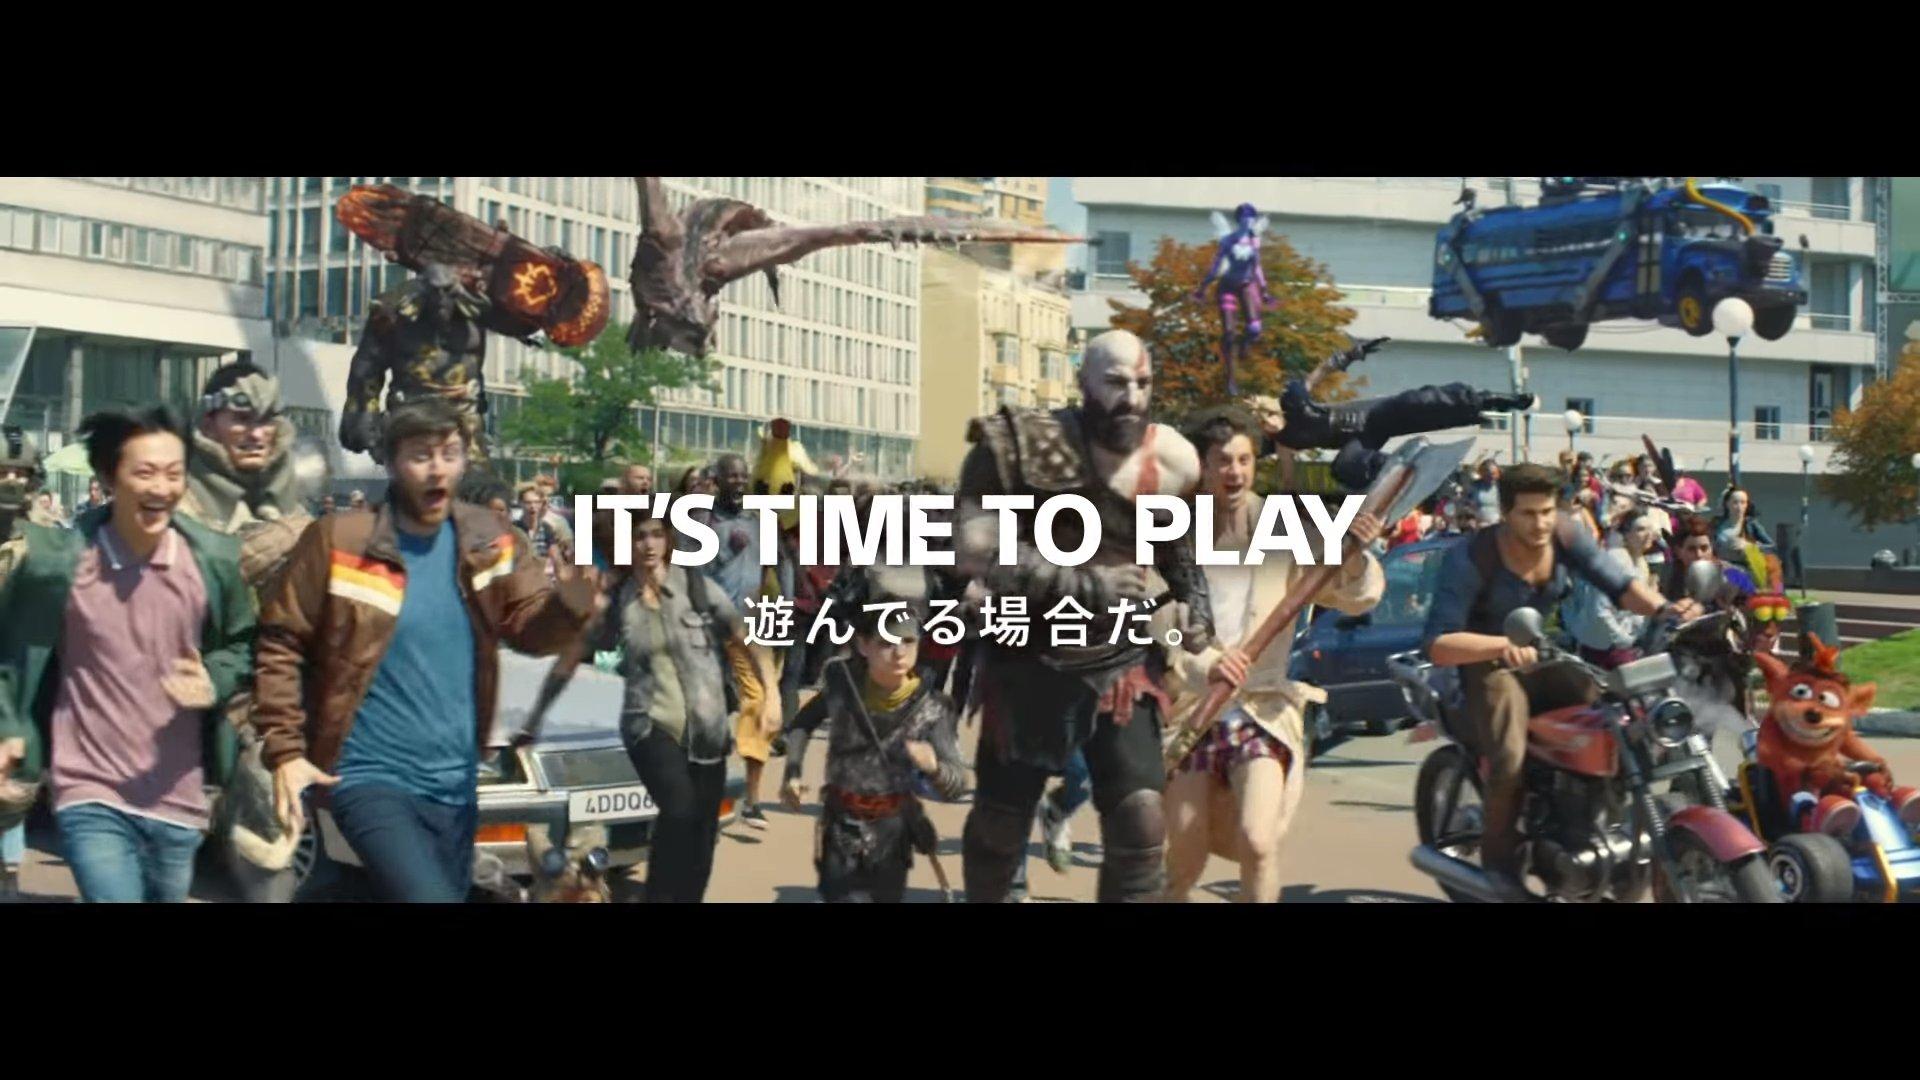 SIE、PS4の新CM『遊んでる場合だ。』公開!PS4の代表キャラが集結した豪華CM!!